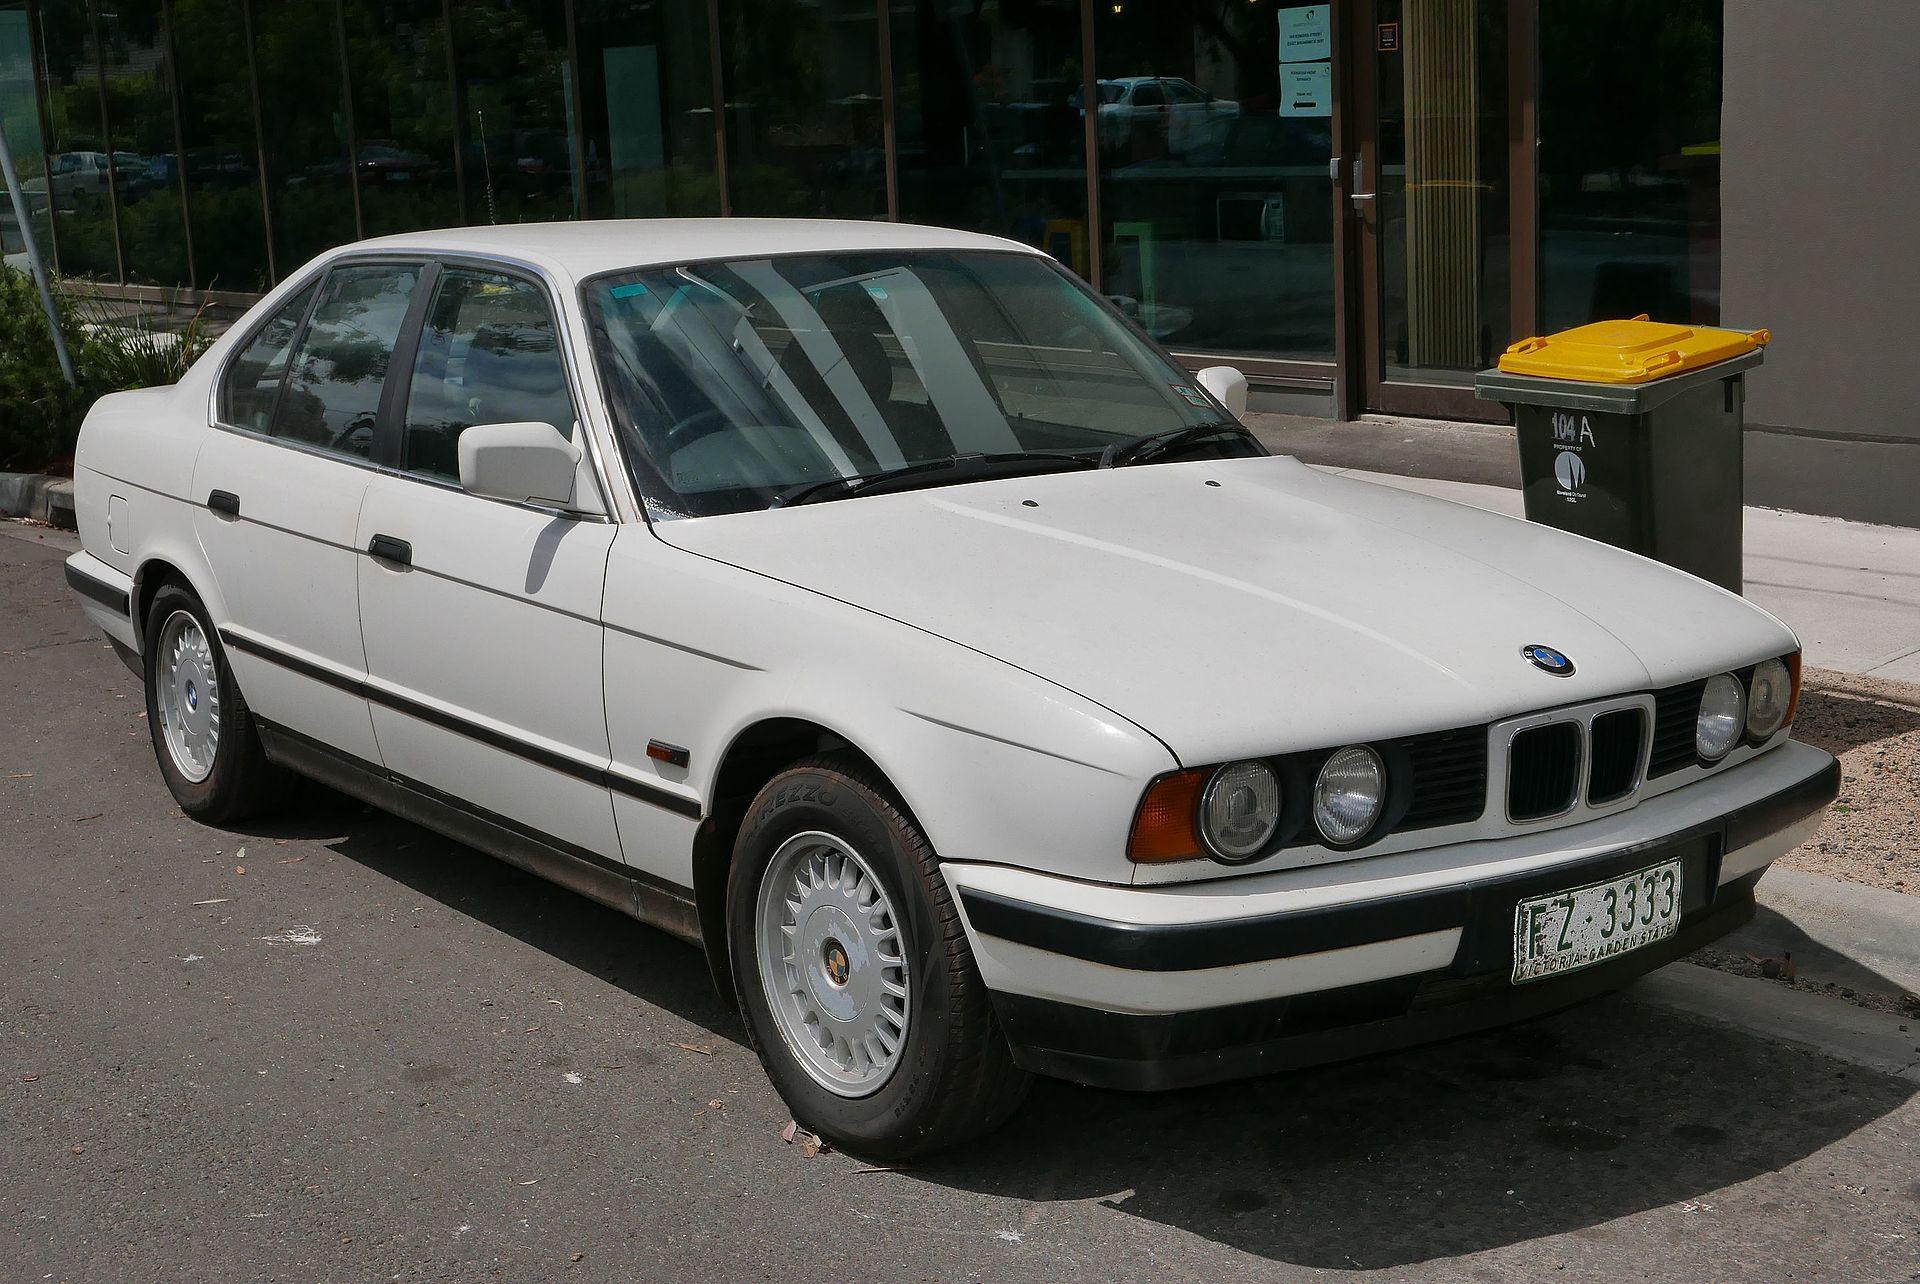 Bmw X4 Wiki >> BMW 5 Series (E34) - Wikipedia